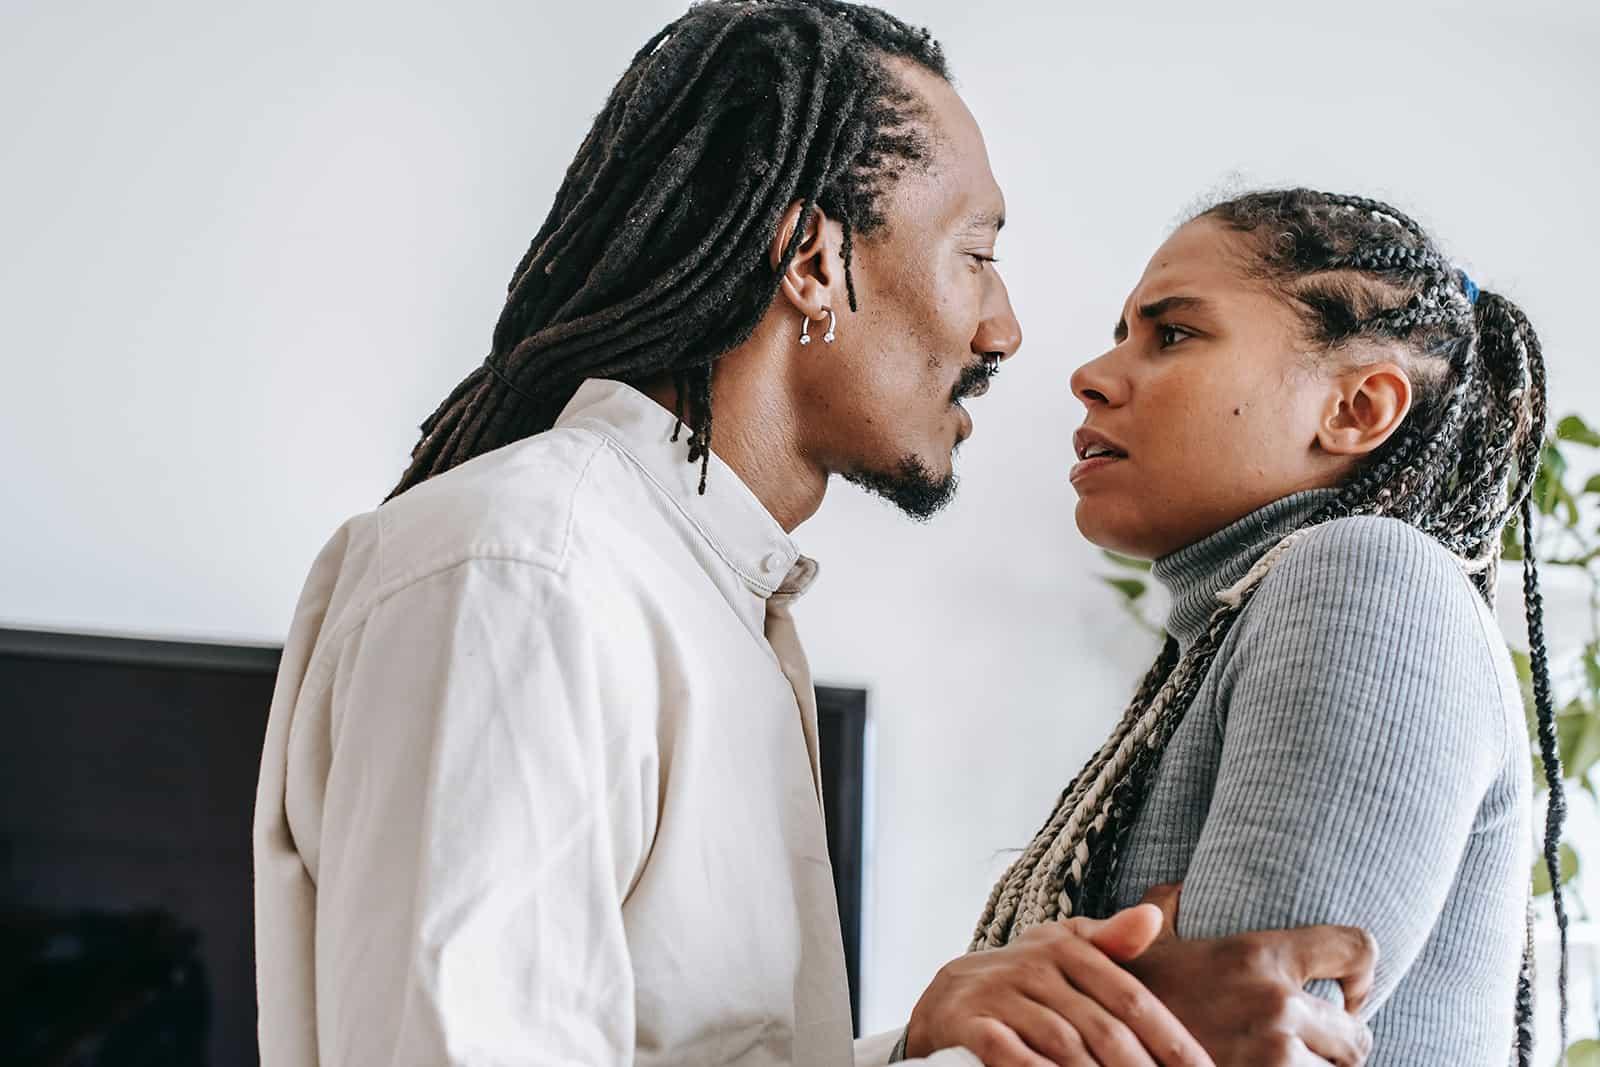 Ein Mann und eine Frau streiten sich in einer Wohnung